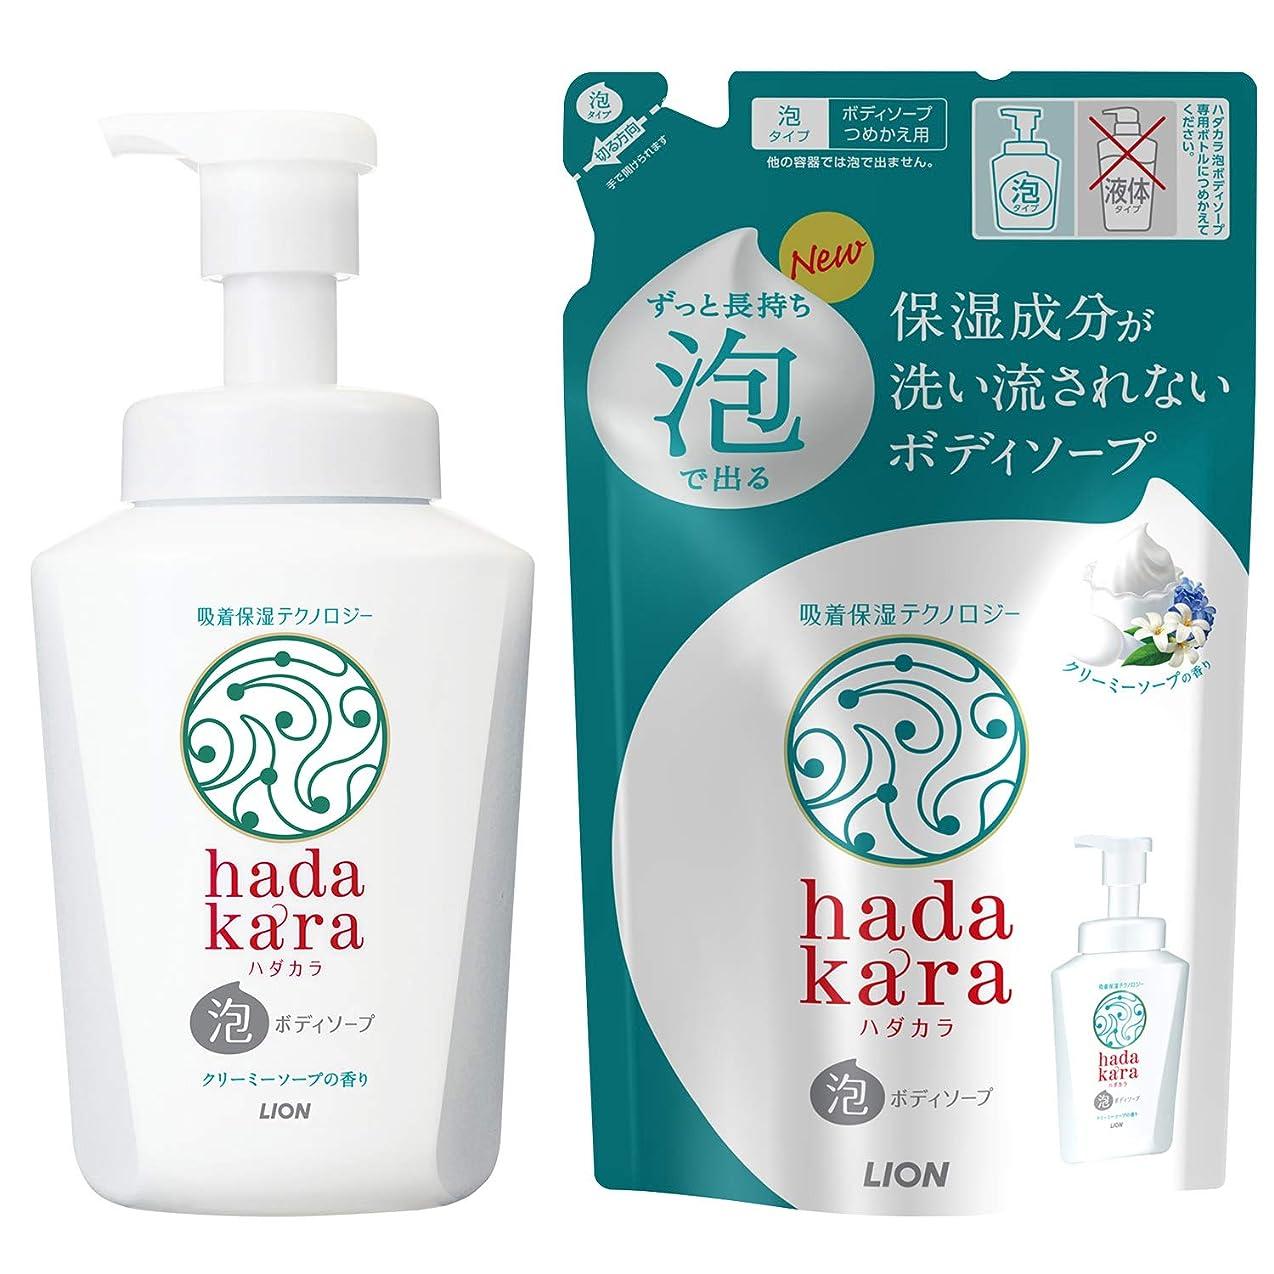 要求二年生悪性のhadakara(ハダカラ) ボディソープ 泡タイプ クリーミーソープの香り 本体550ml+詰替440ml 1